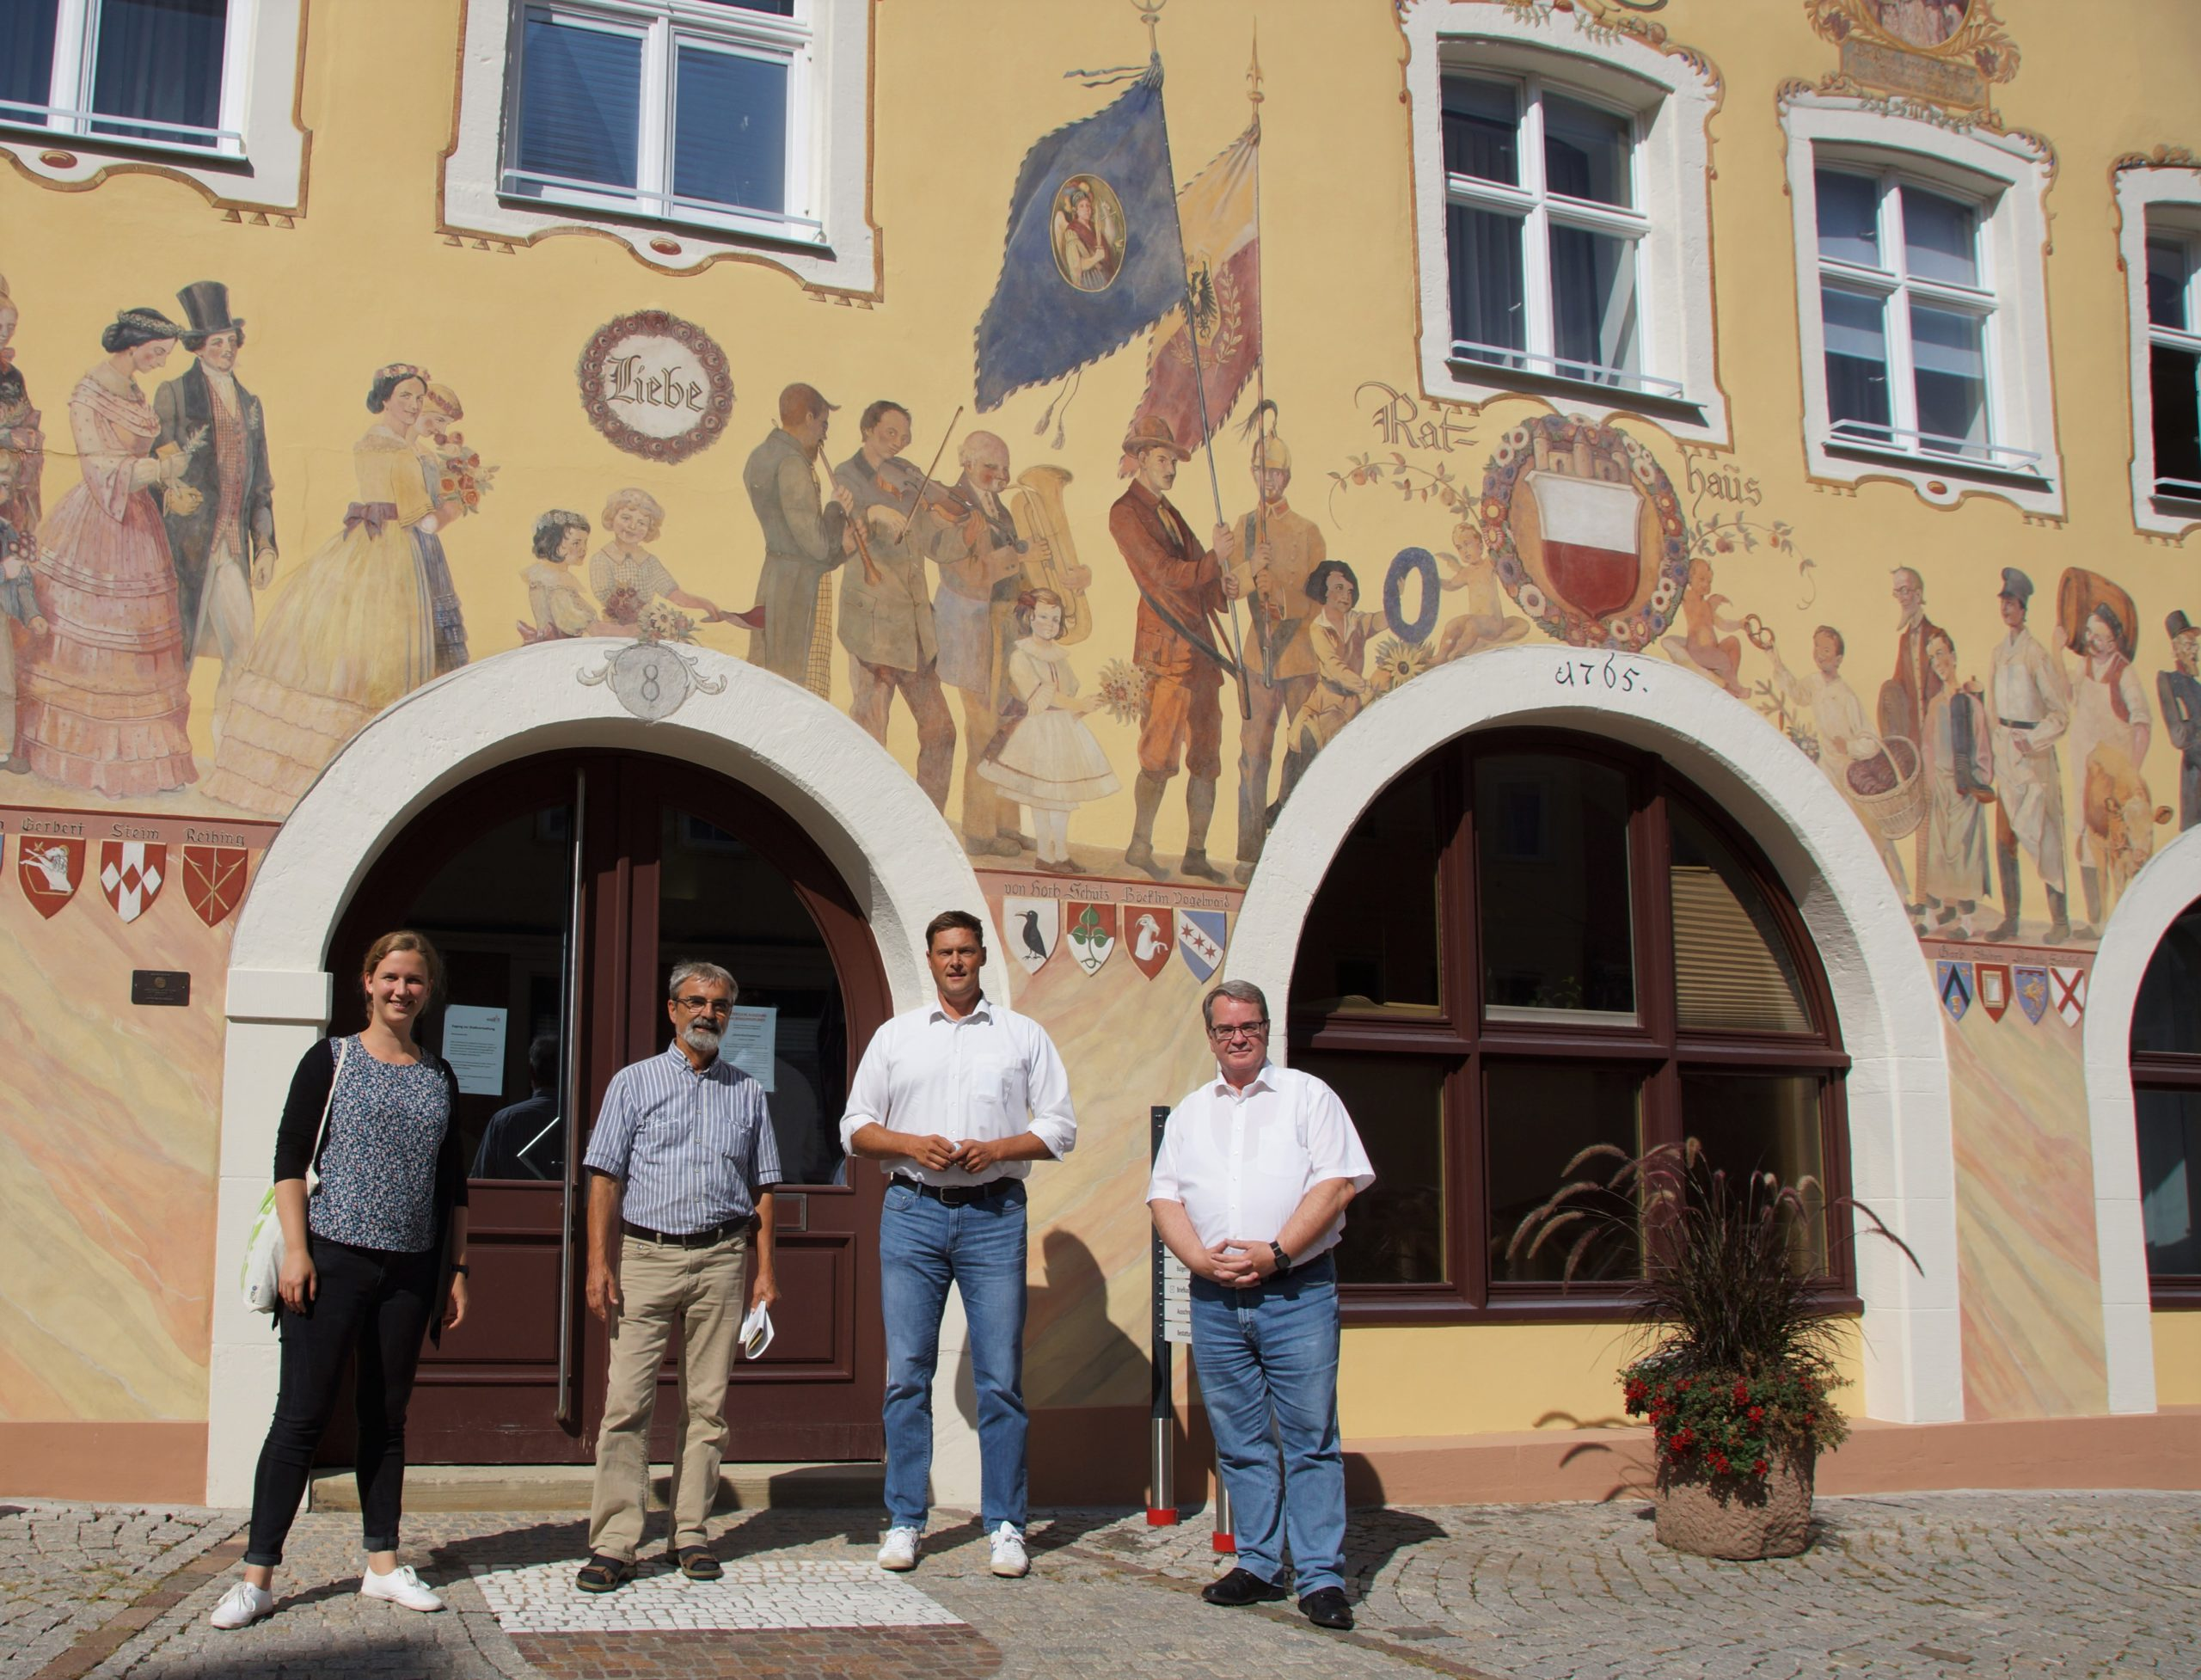 Verkehr, Windkraft und Corona – Sara Haug zu Besuch in Horb am Neckar